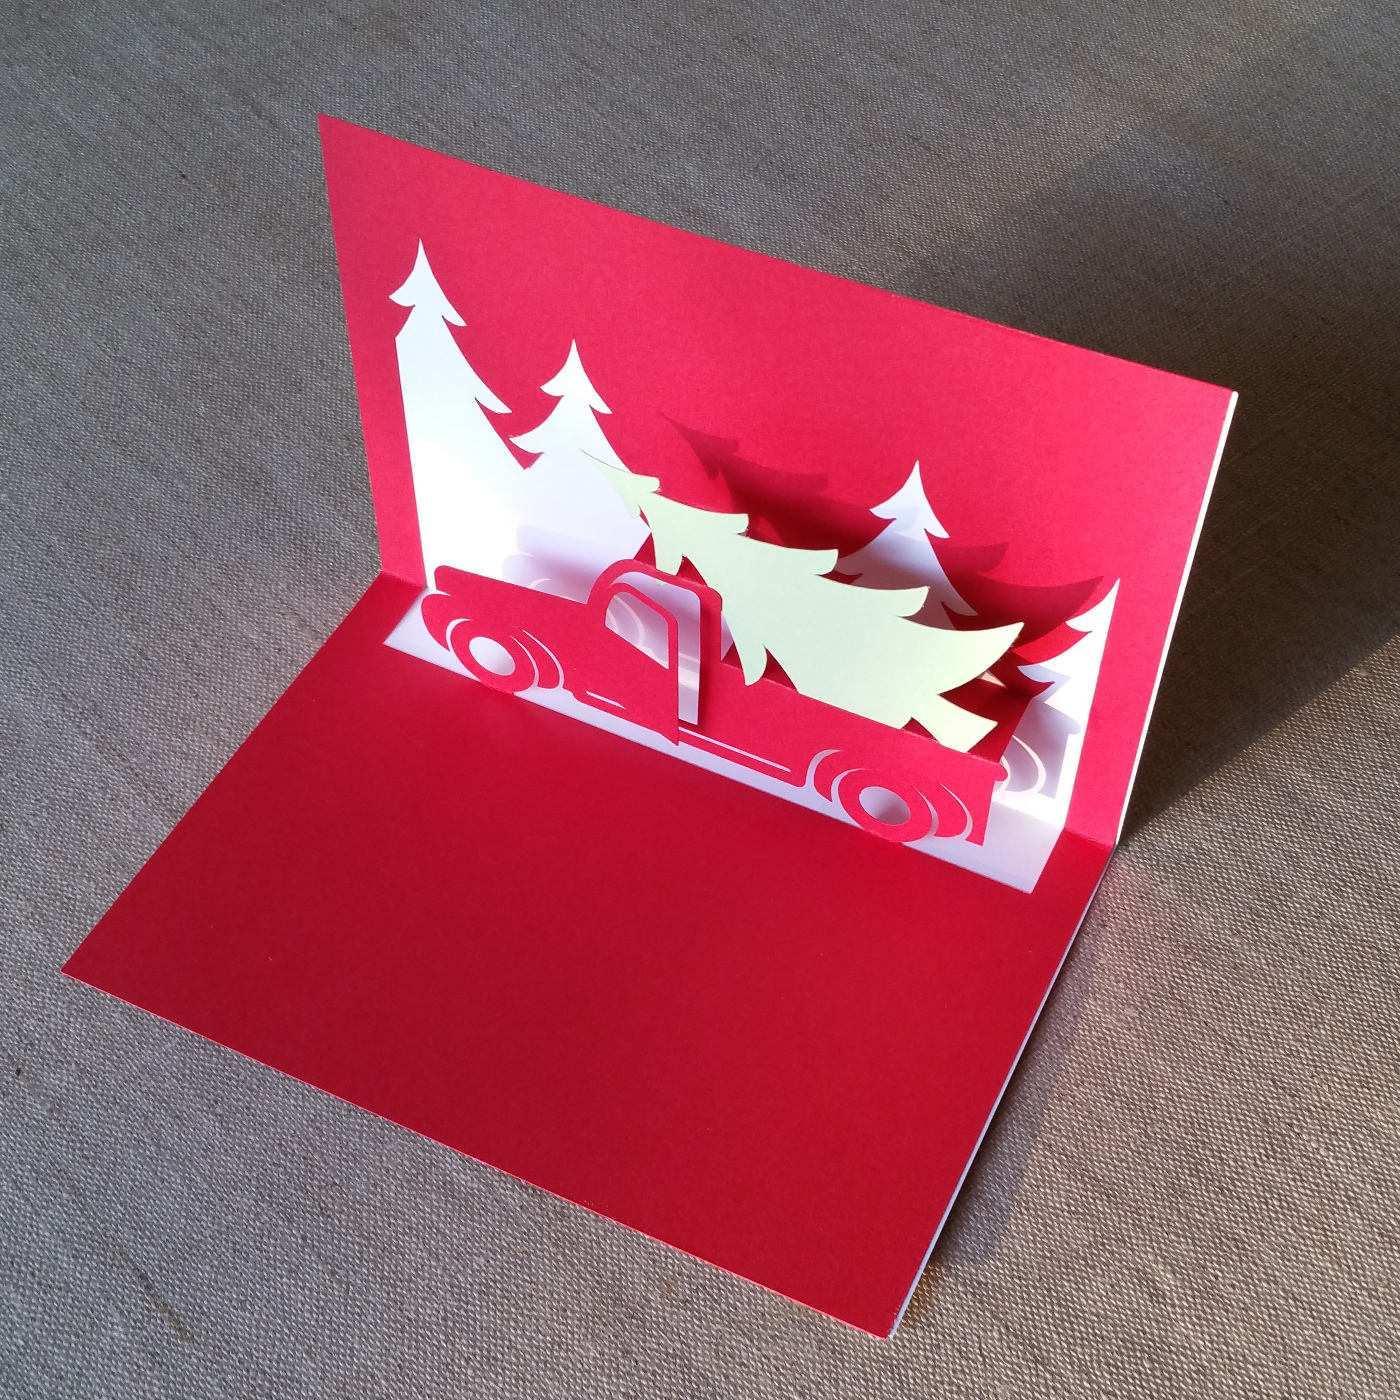 kirigami christmas card template  cards design templates